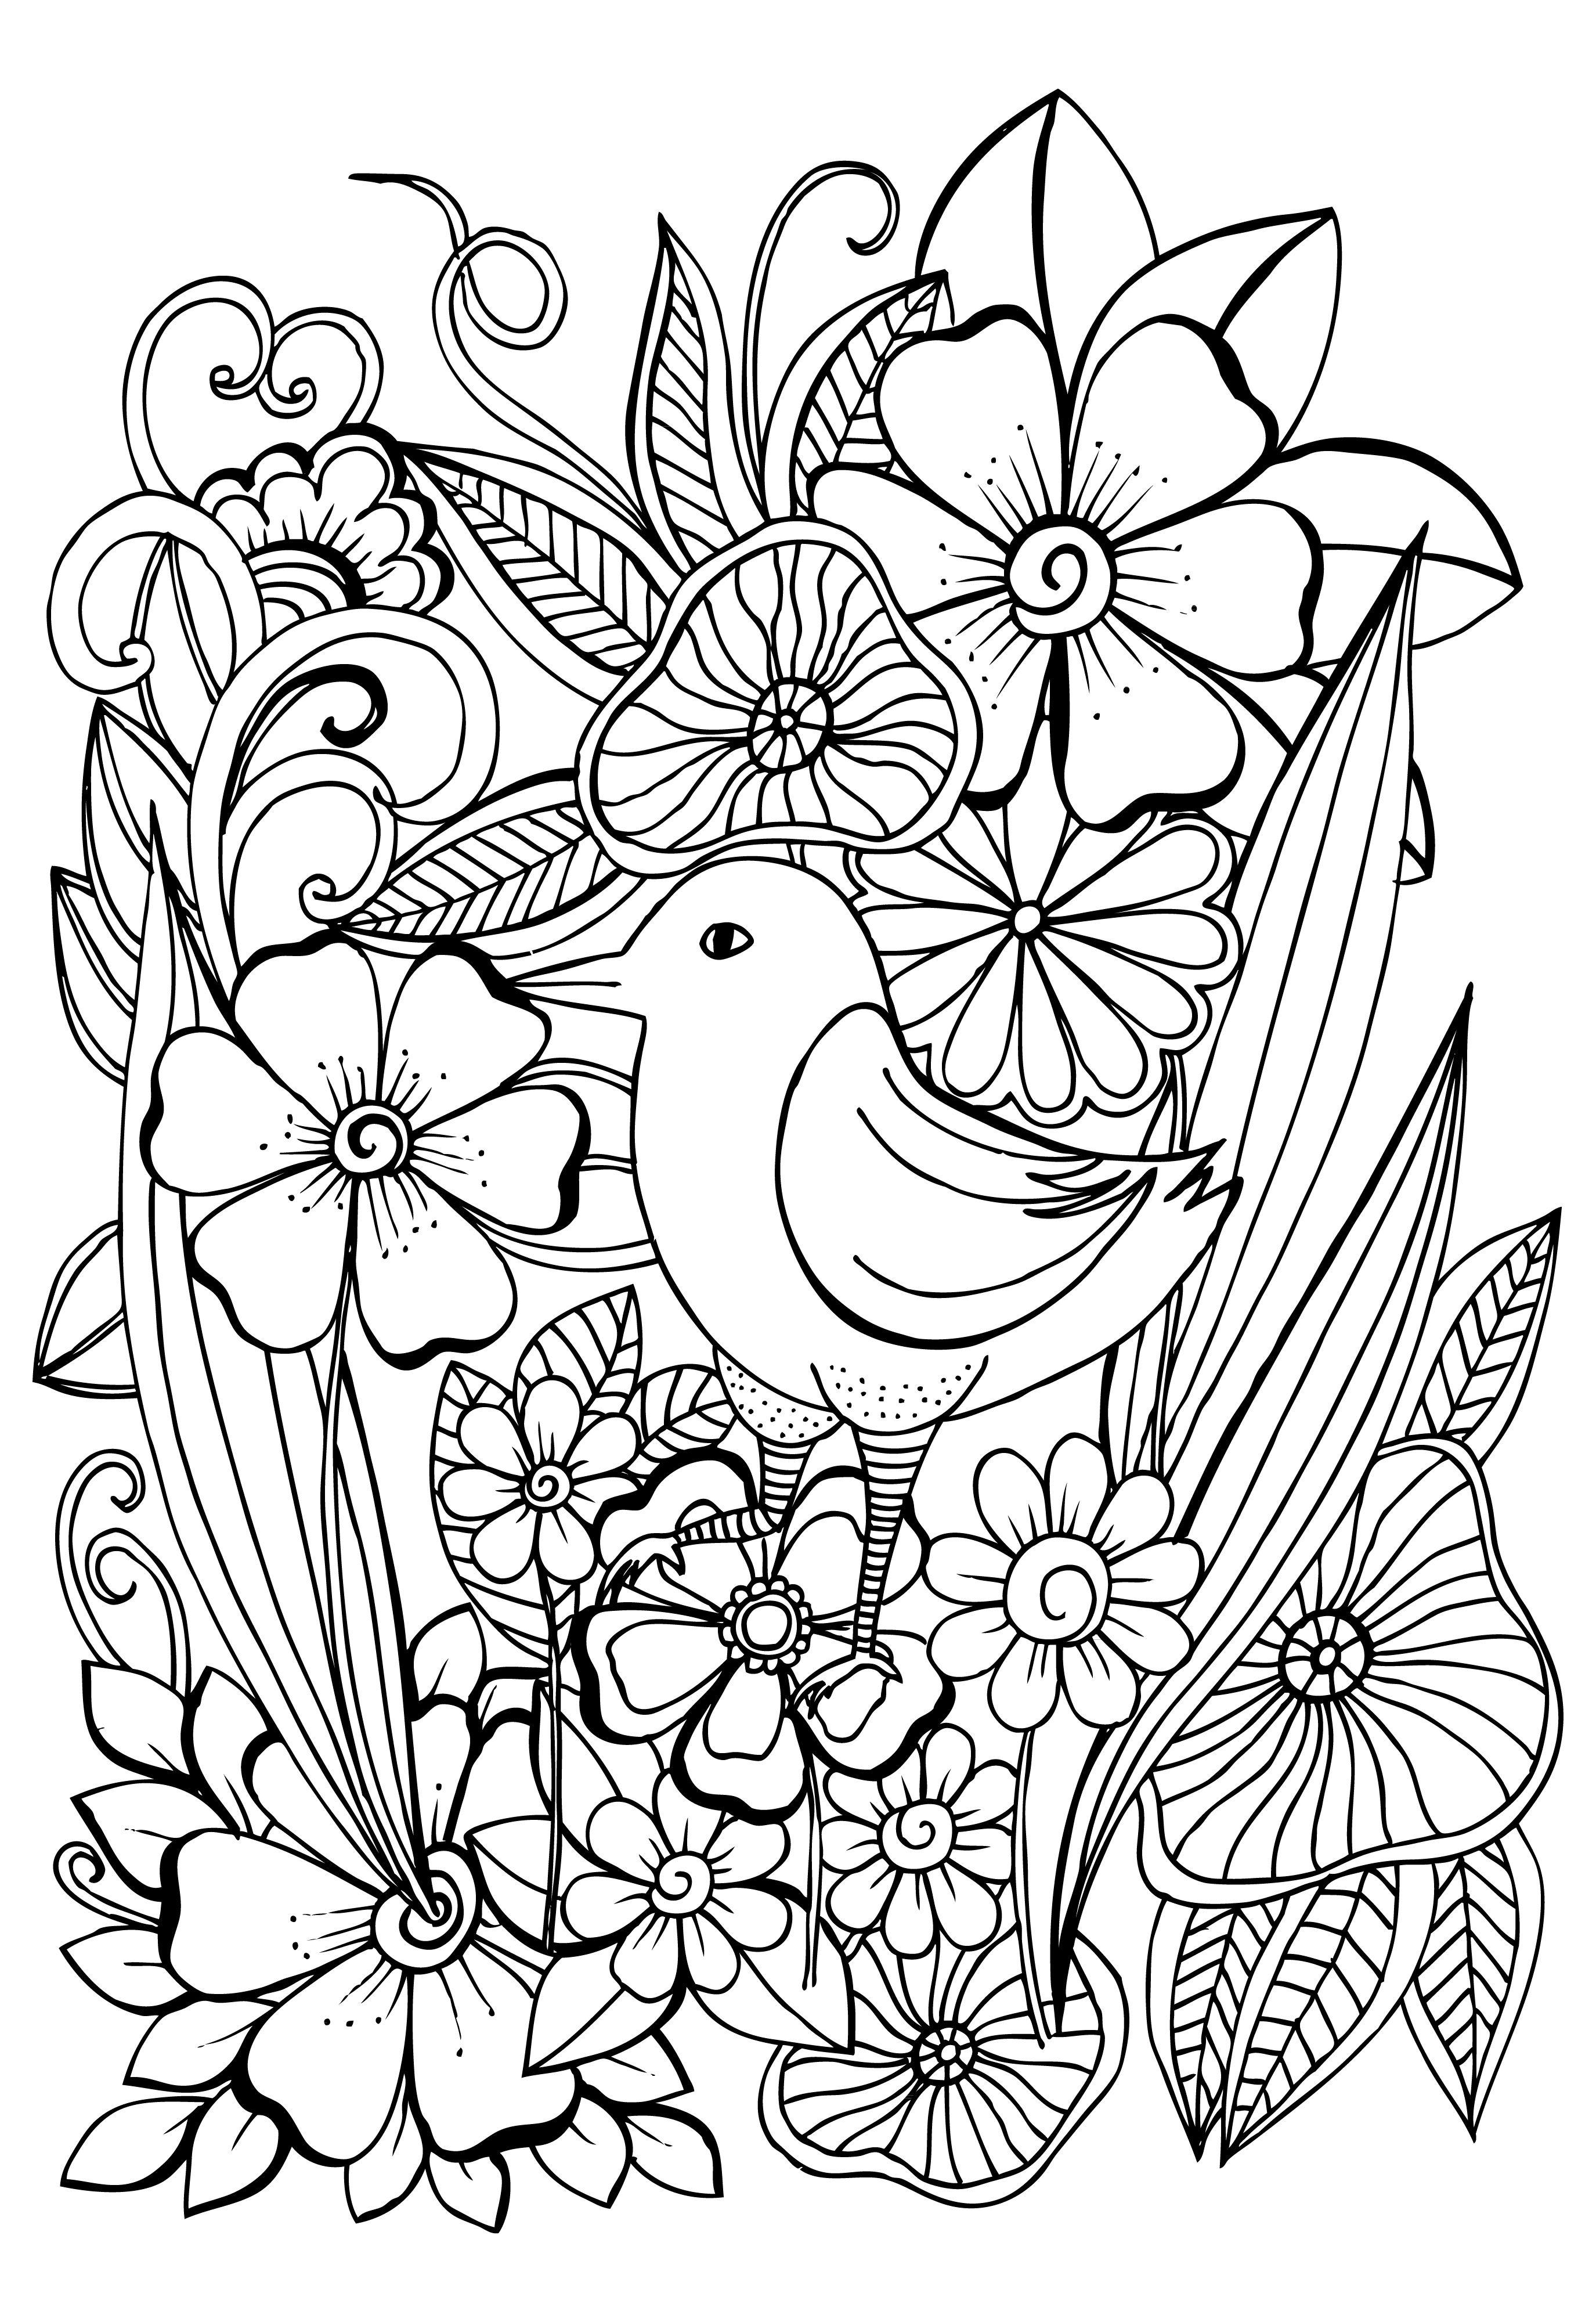 Cvetochnye Uzory Flower Pattern Background White And Black Floral Doodles 51 Fajlov Knizhka Raskraska Raskraski Konturnye Risunki